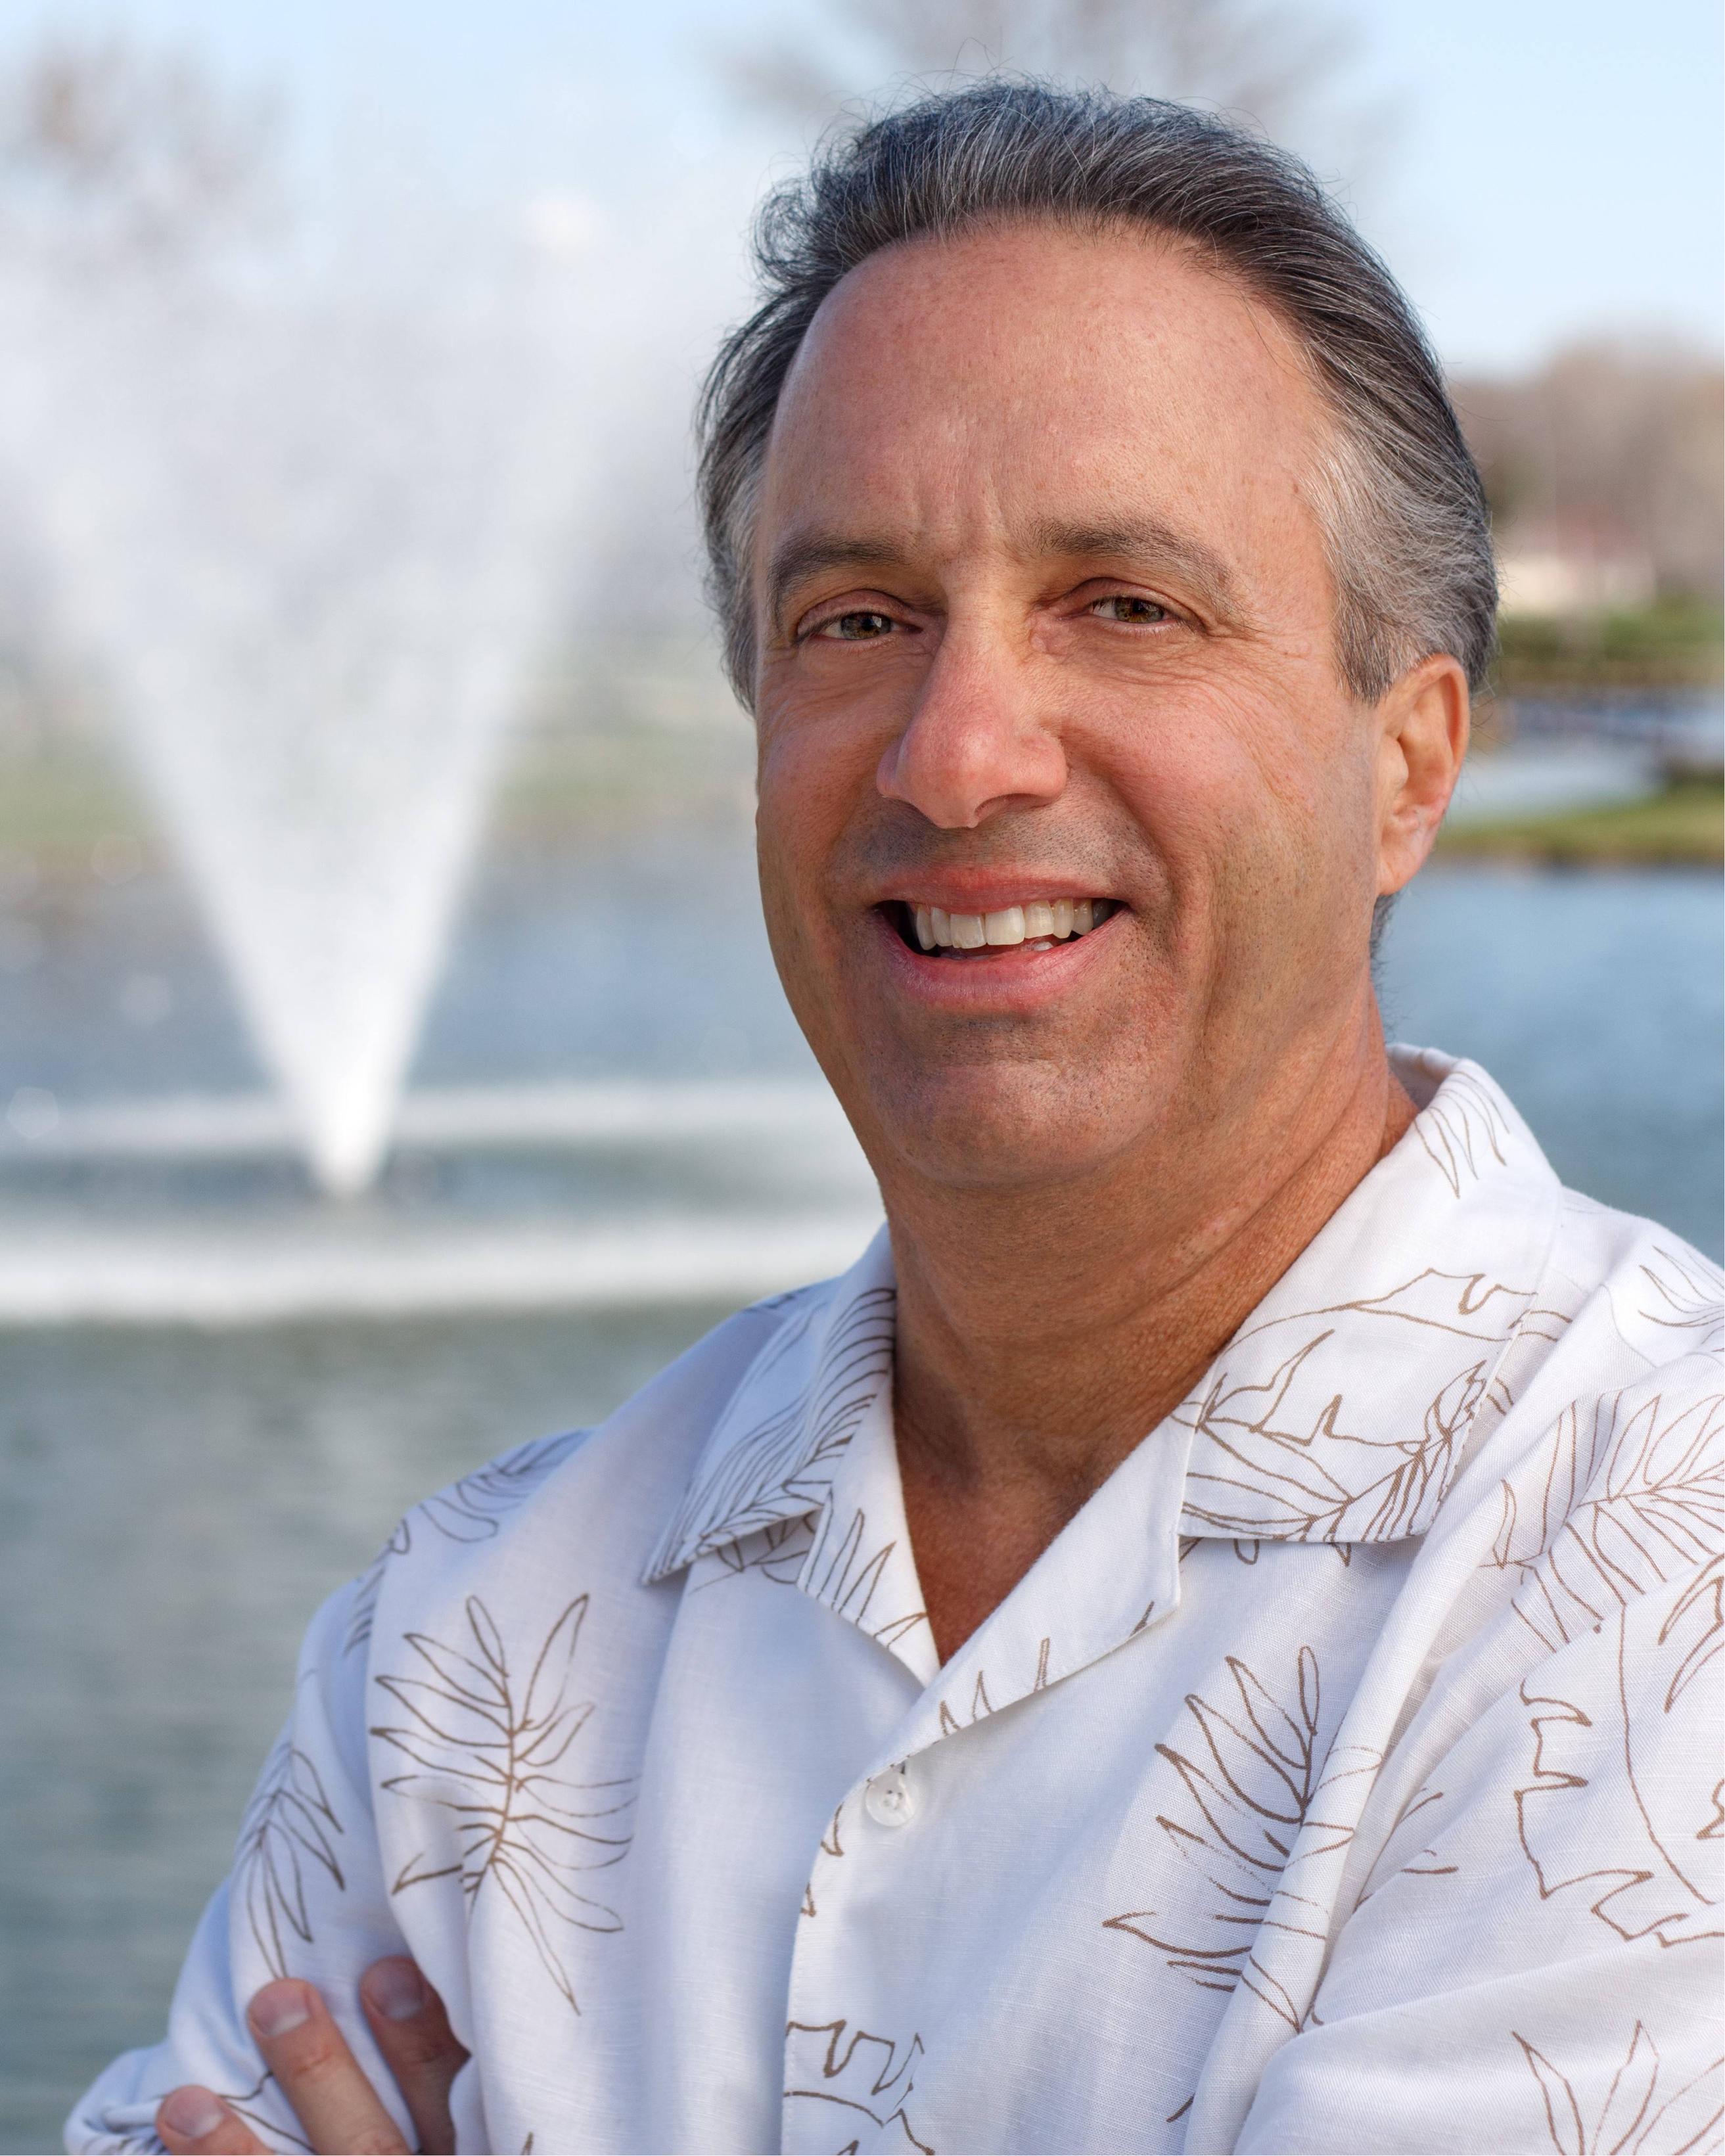 Pastor Dan Delzell